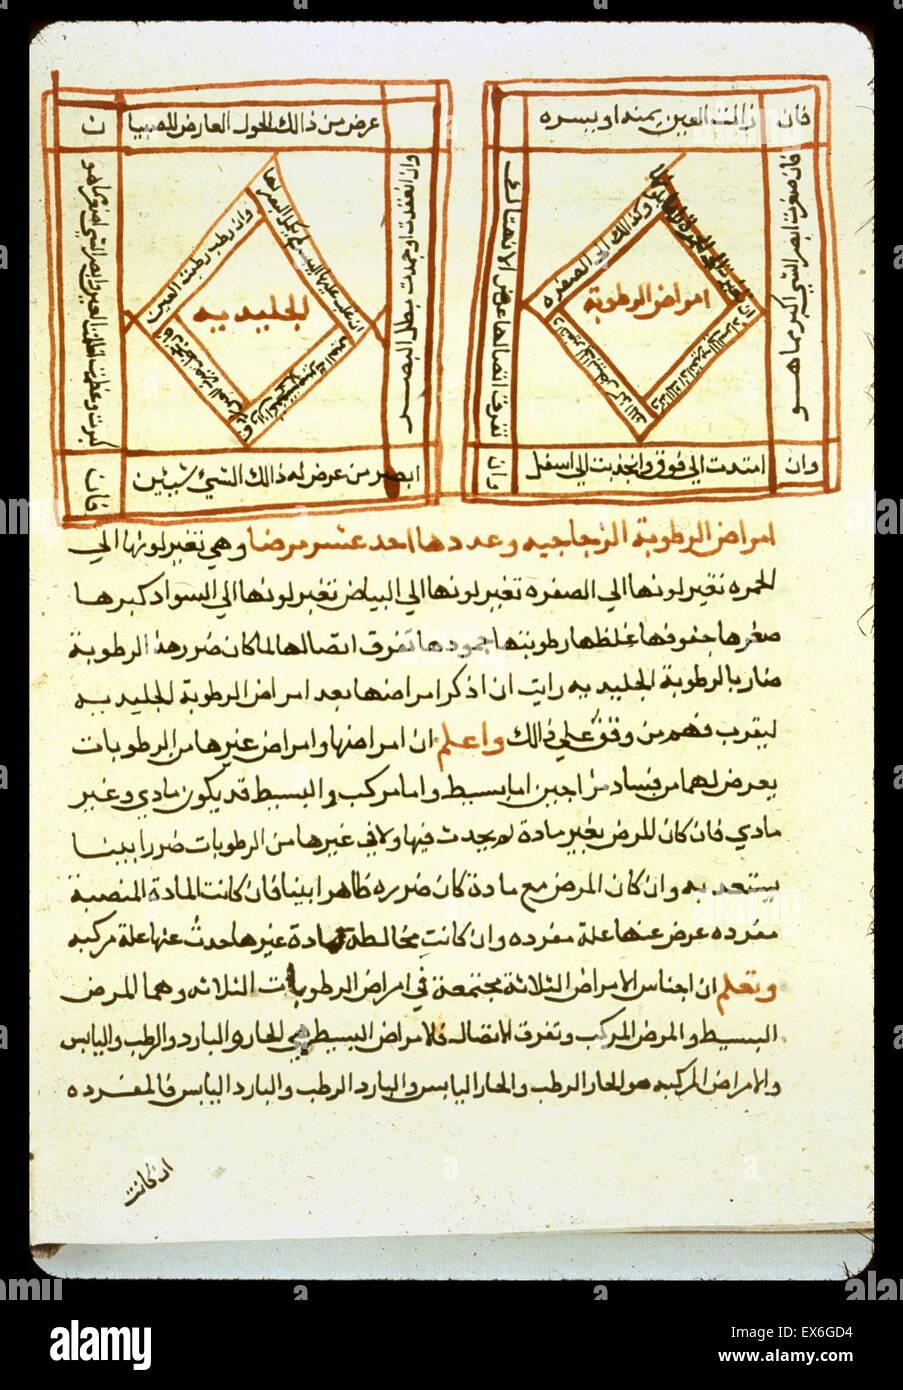 Sehschärfe Diagramme aus dem ophthalmologischen Handbuch geschrieben in Ägypten gegen Ende des 14. Jahrhunderts Stockbild